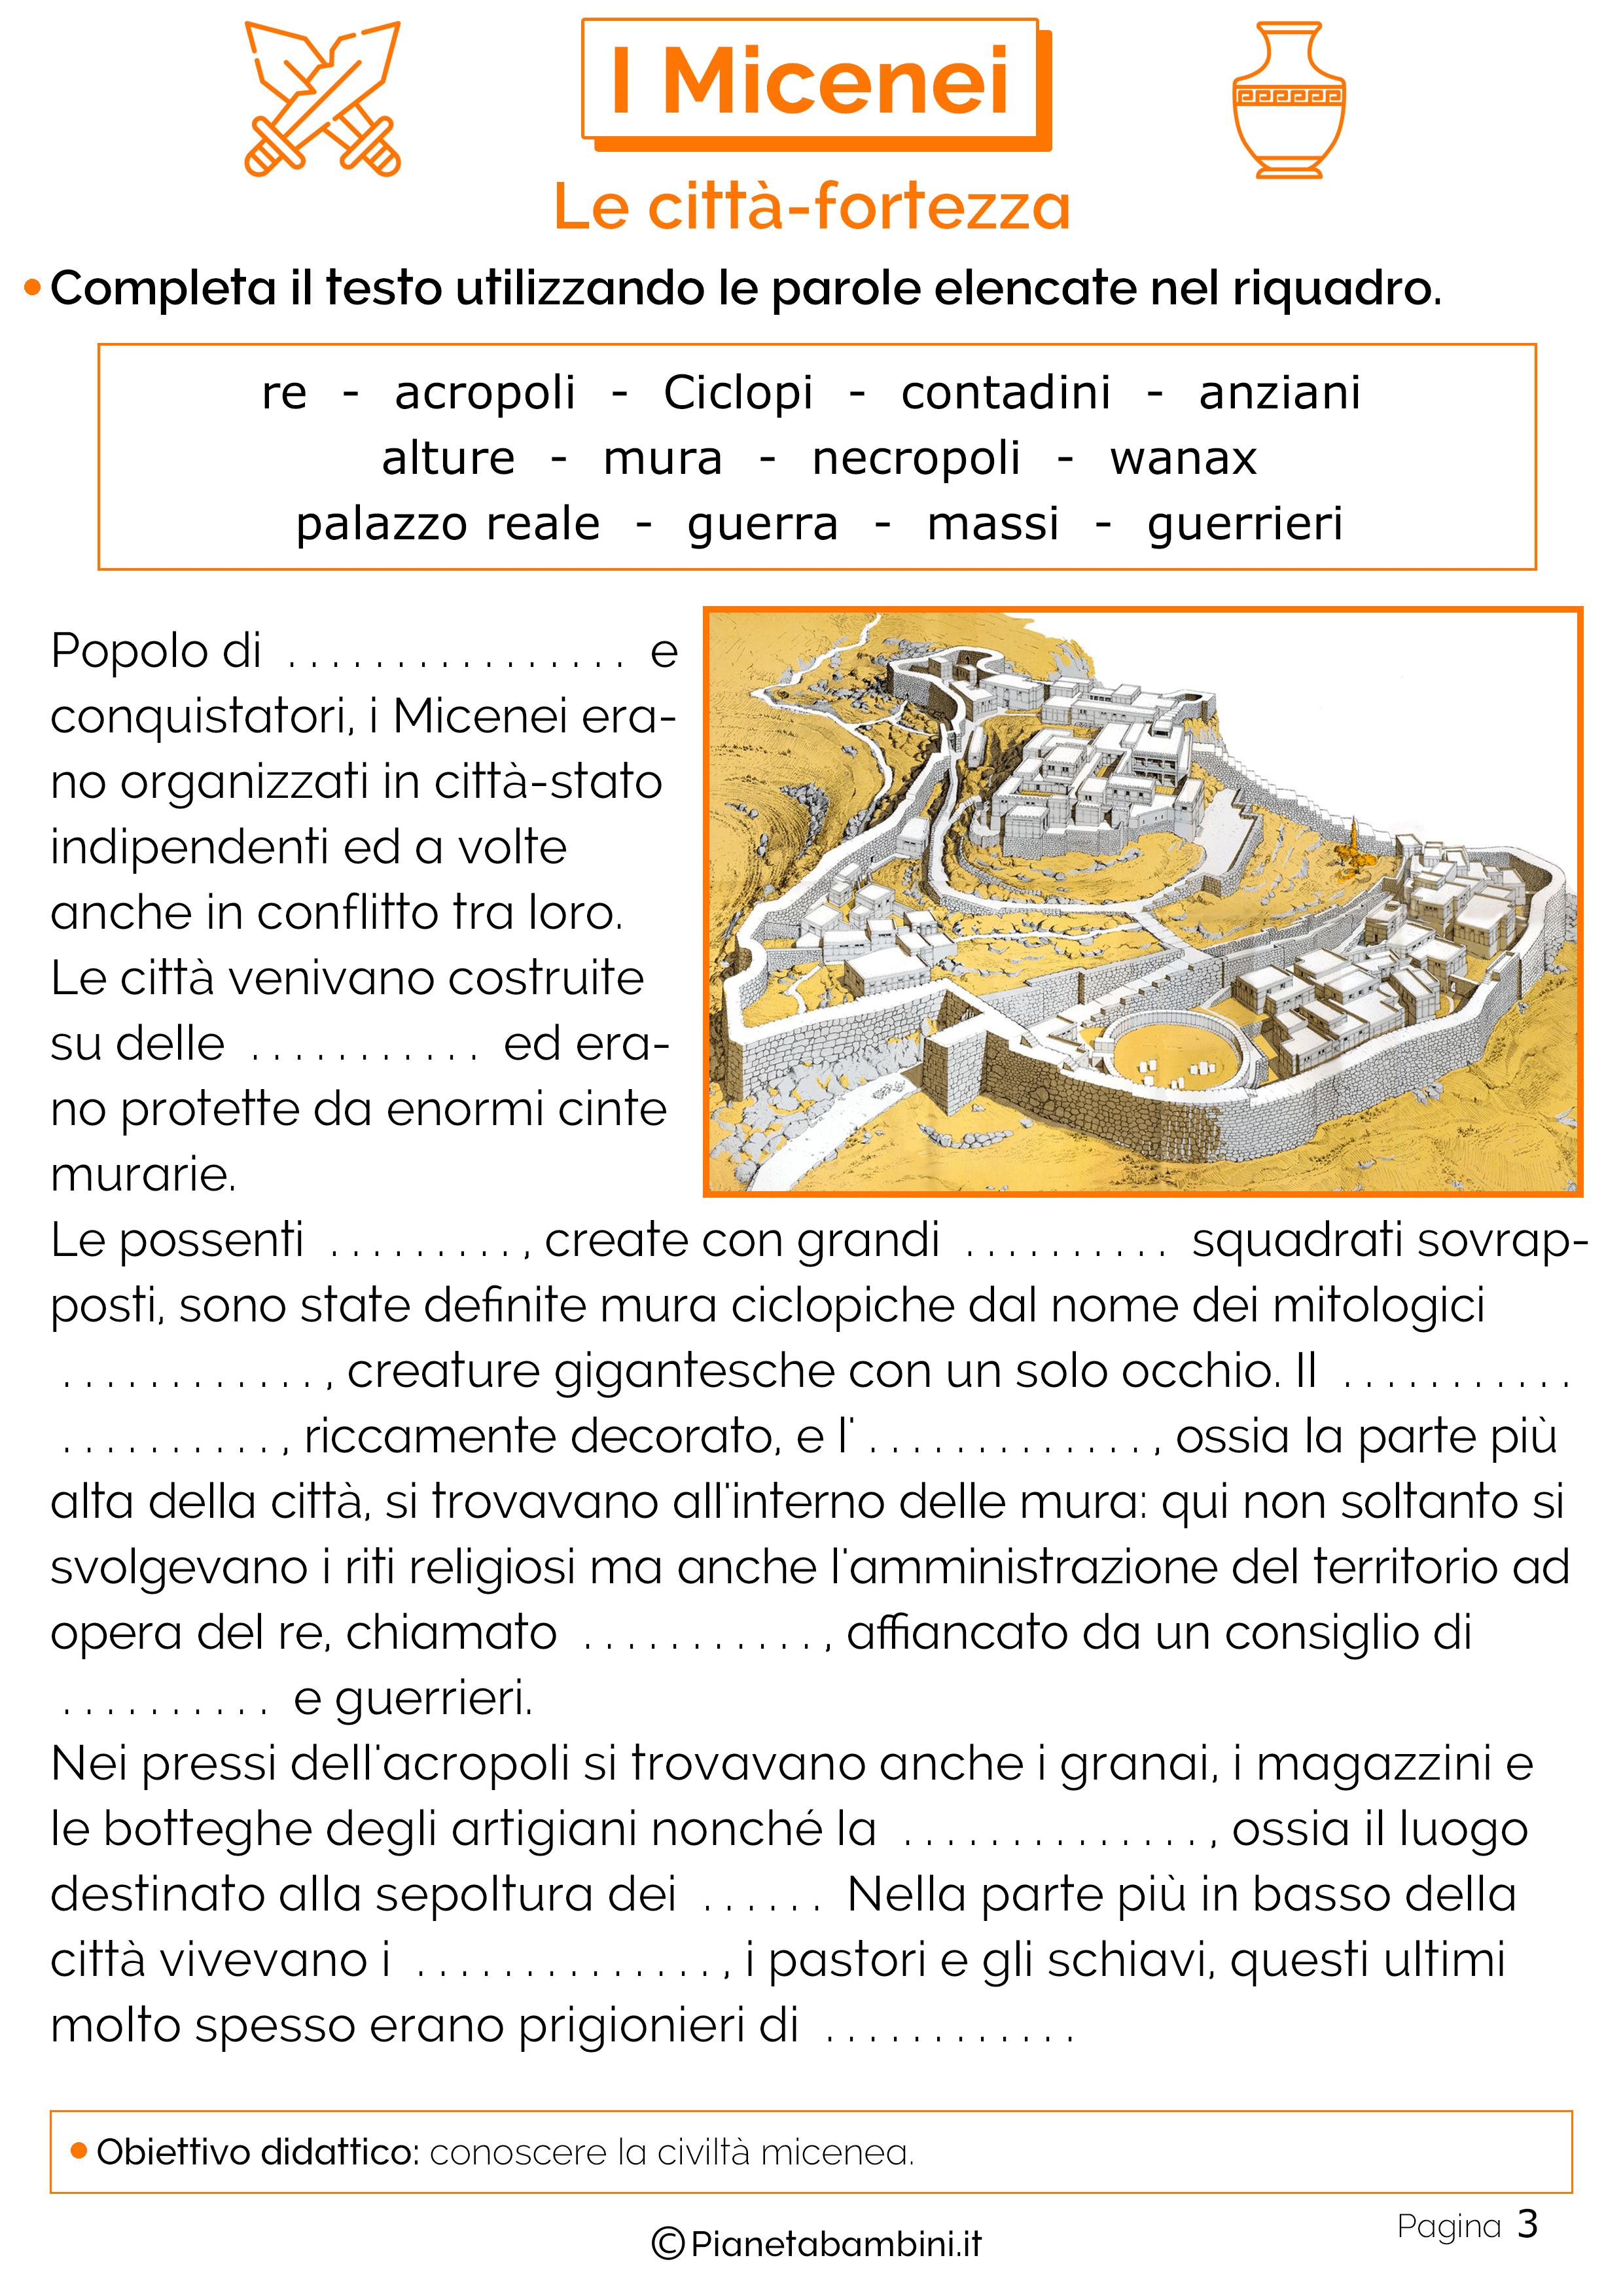 Le città-fortezza della civiltà micenea